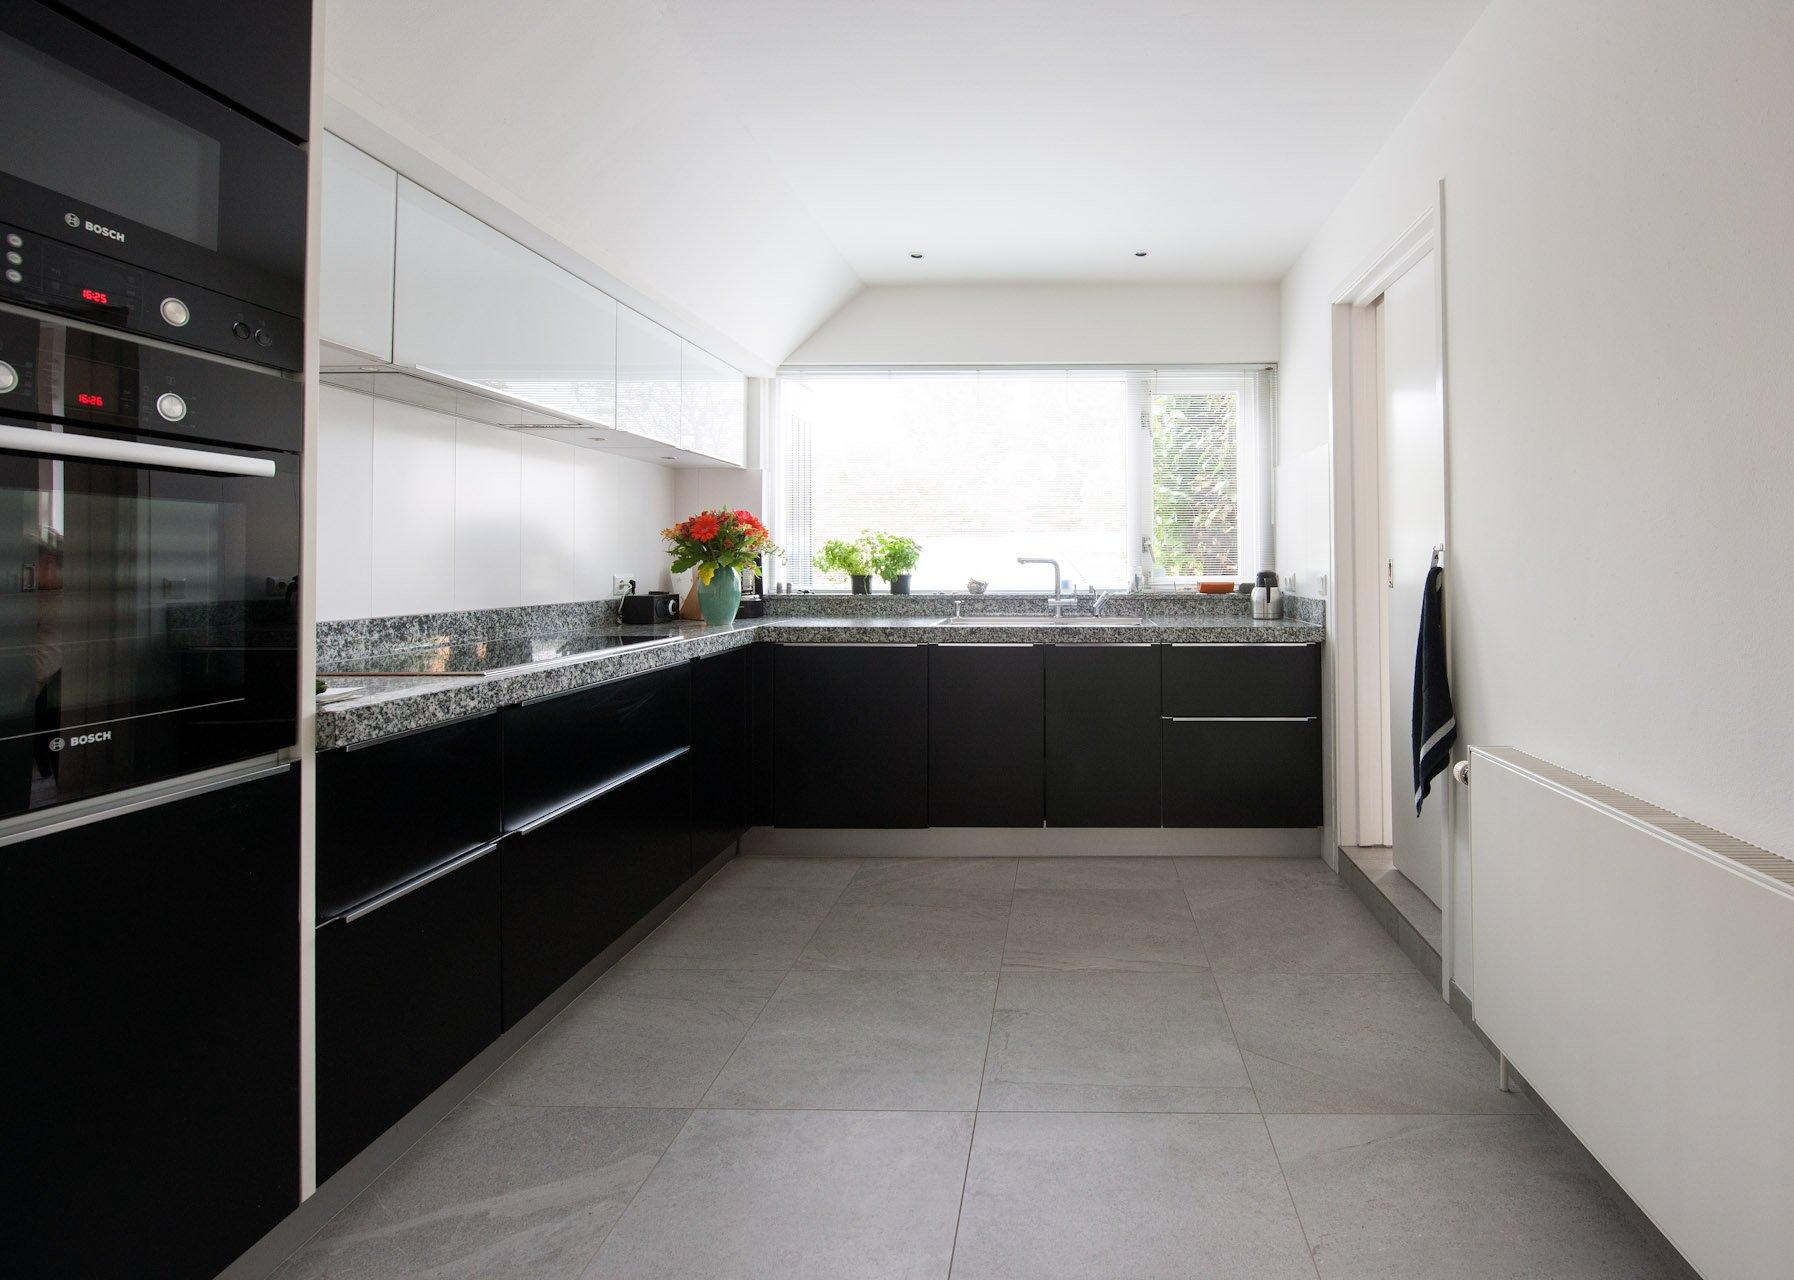 Natuursteen Wandtegels Keuken : Keukentegels: wandtegels voor in de keuken KROON